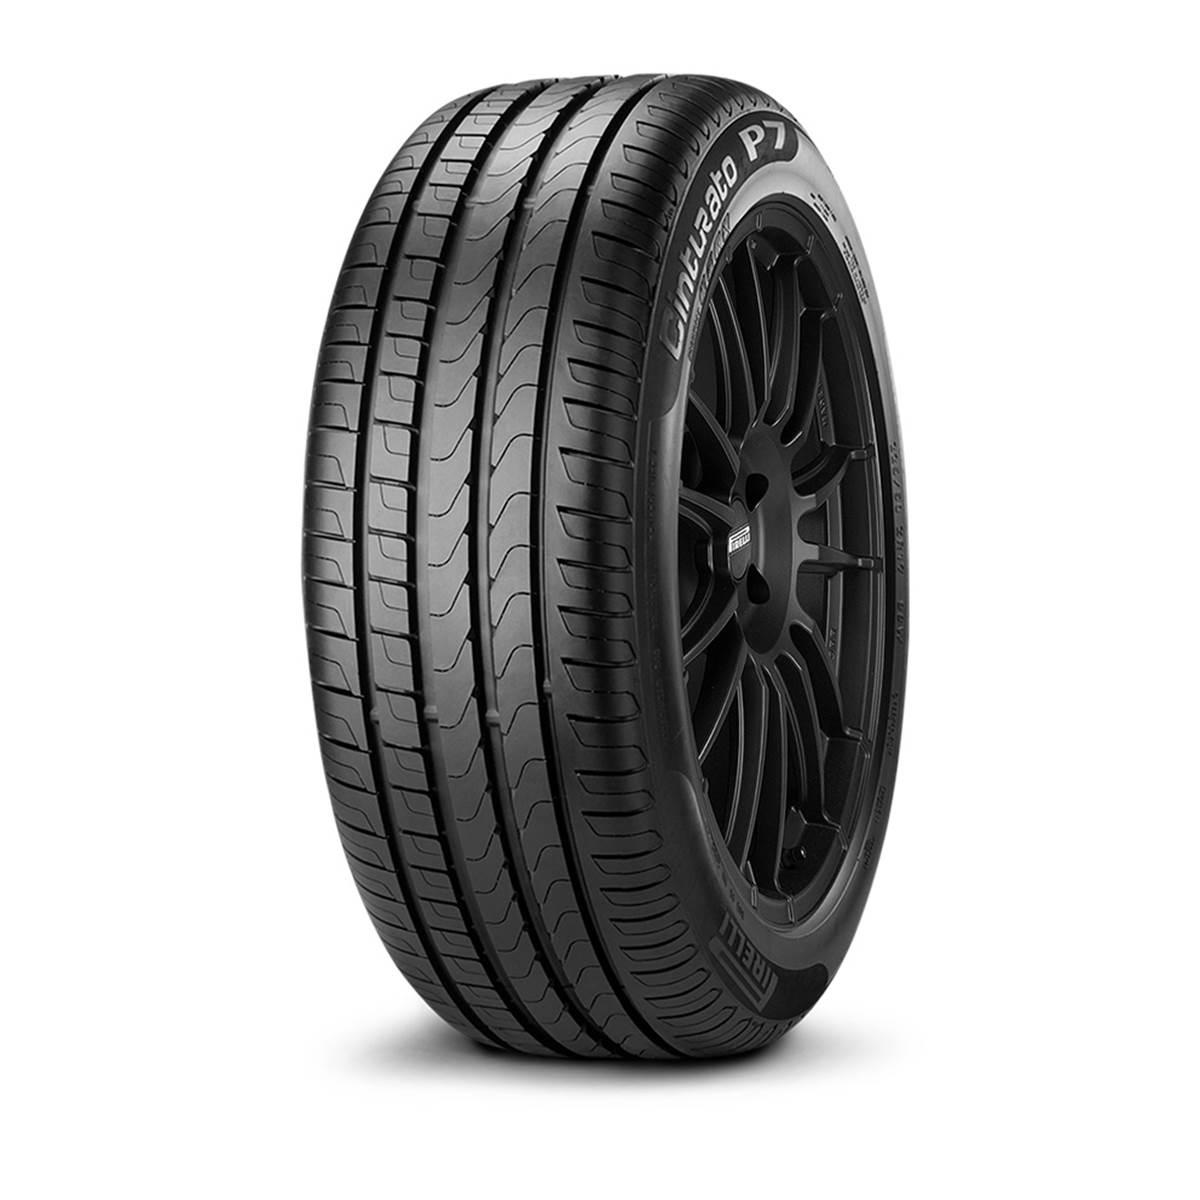 Pneu Runflat Pirelli 225/50R17 94W Cinturato P7